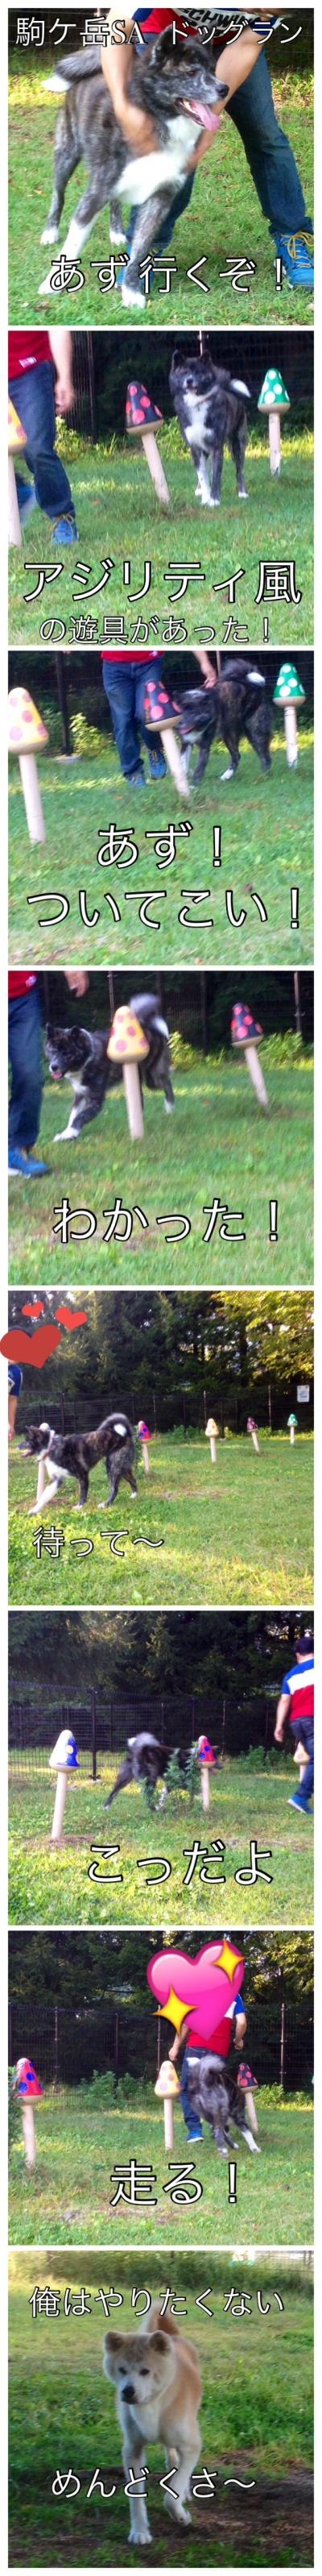 ③駒ケ岳SA